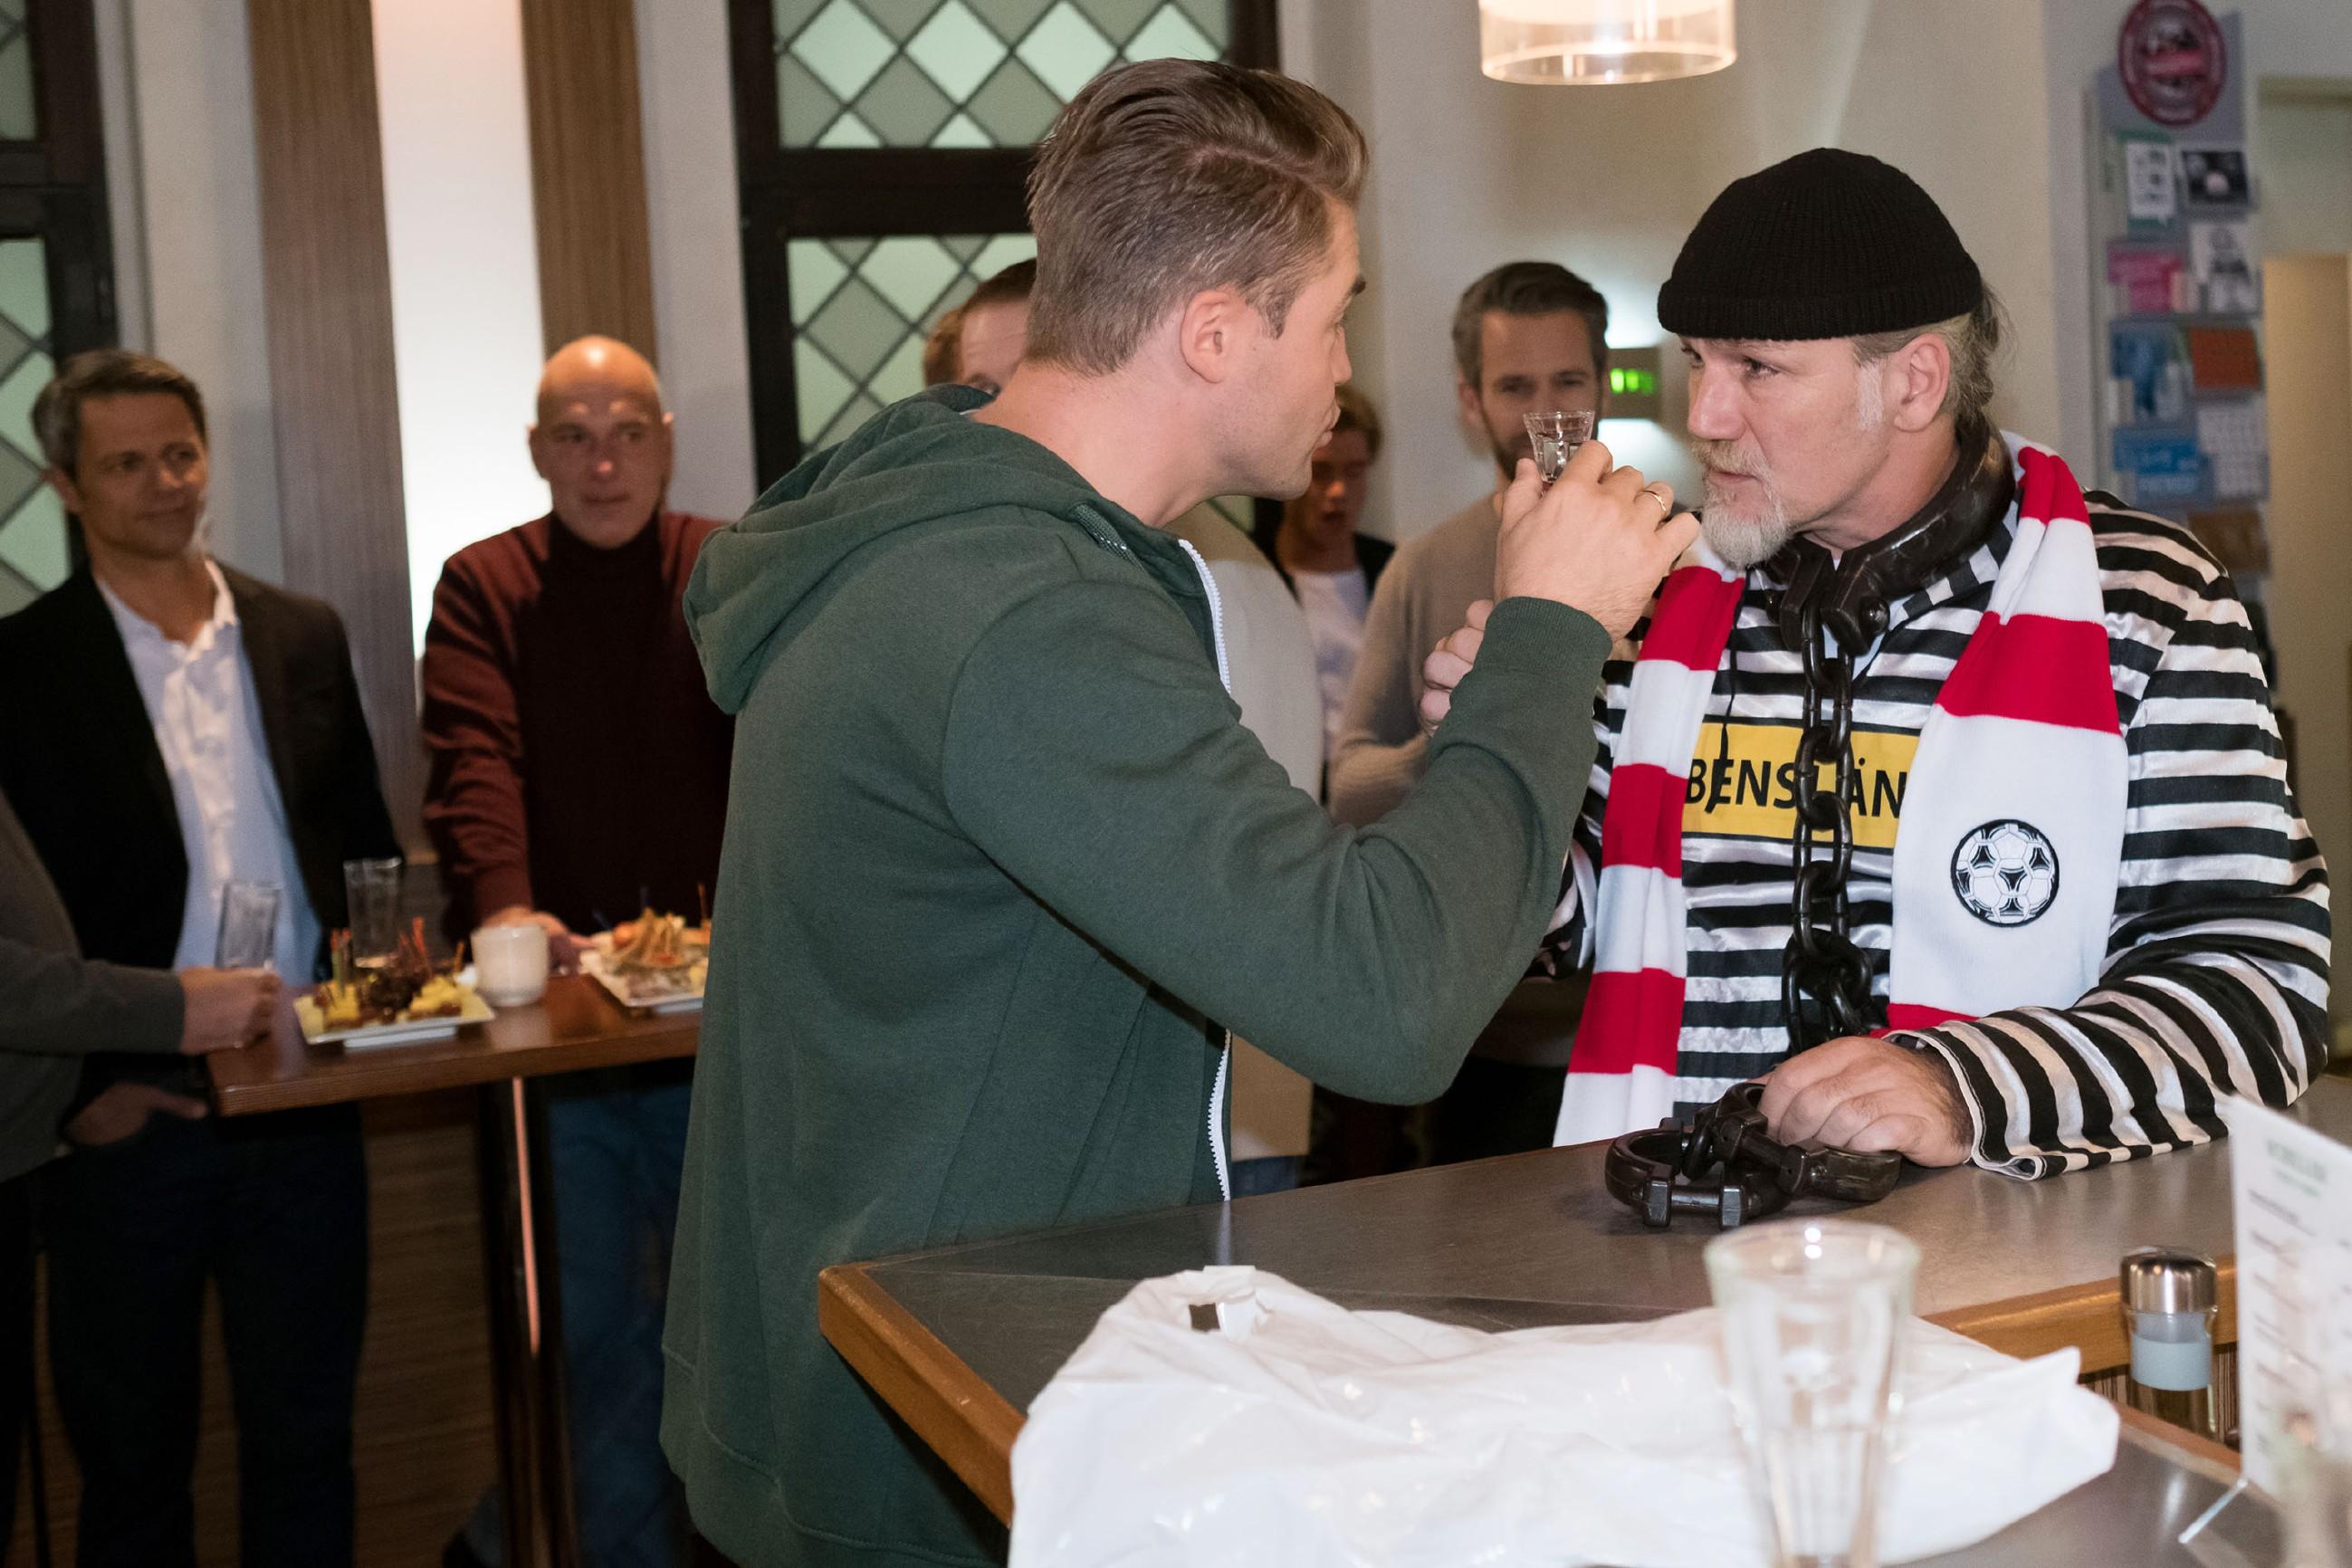 Zu Bambis (Benjamin Heinrich, vorne l.) großer Freude ist seine echte Überraschung für Robert (Luca Maric, r.) ein großer Erfolg. (Foto: RTL / Stefan Behrens)